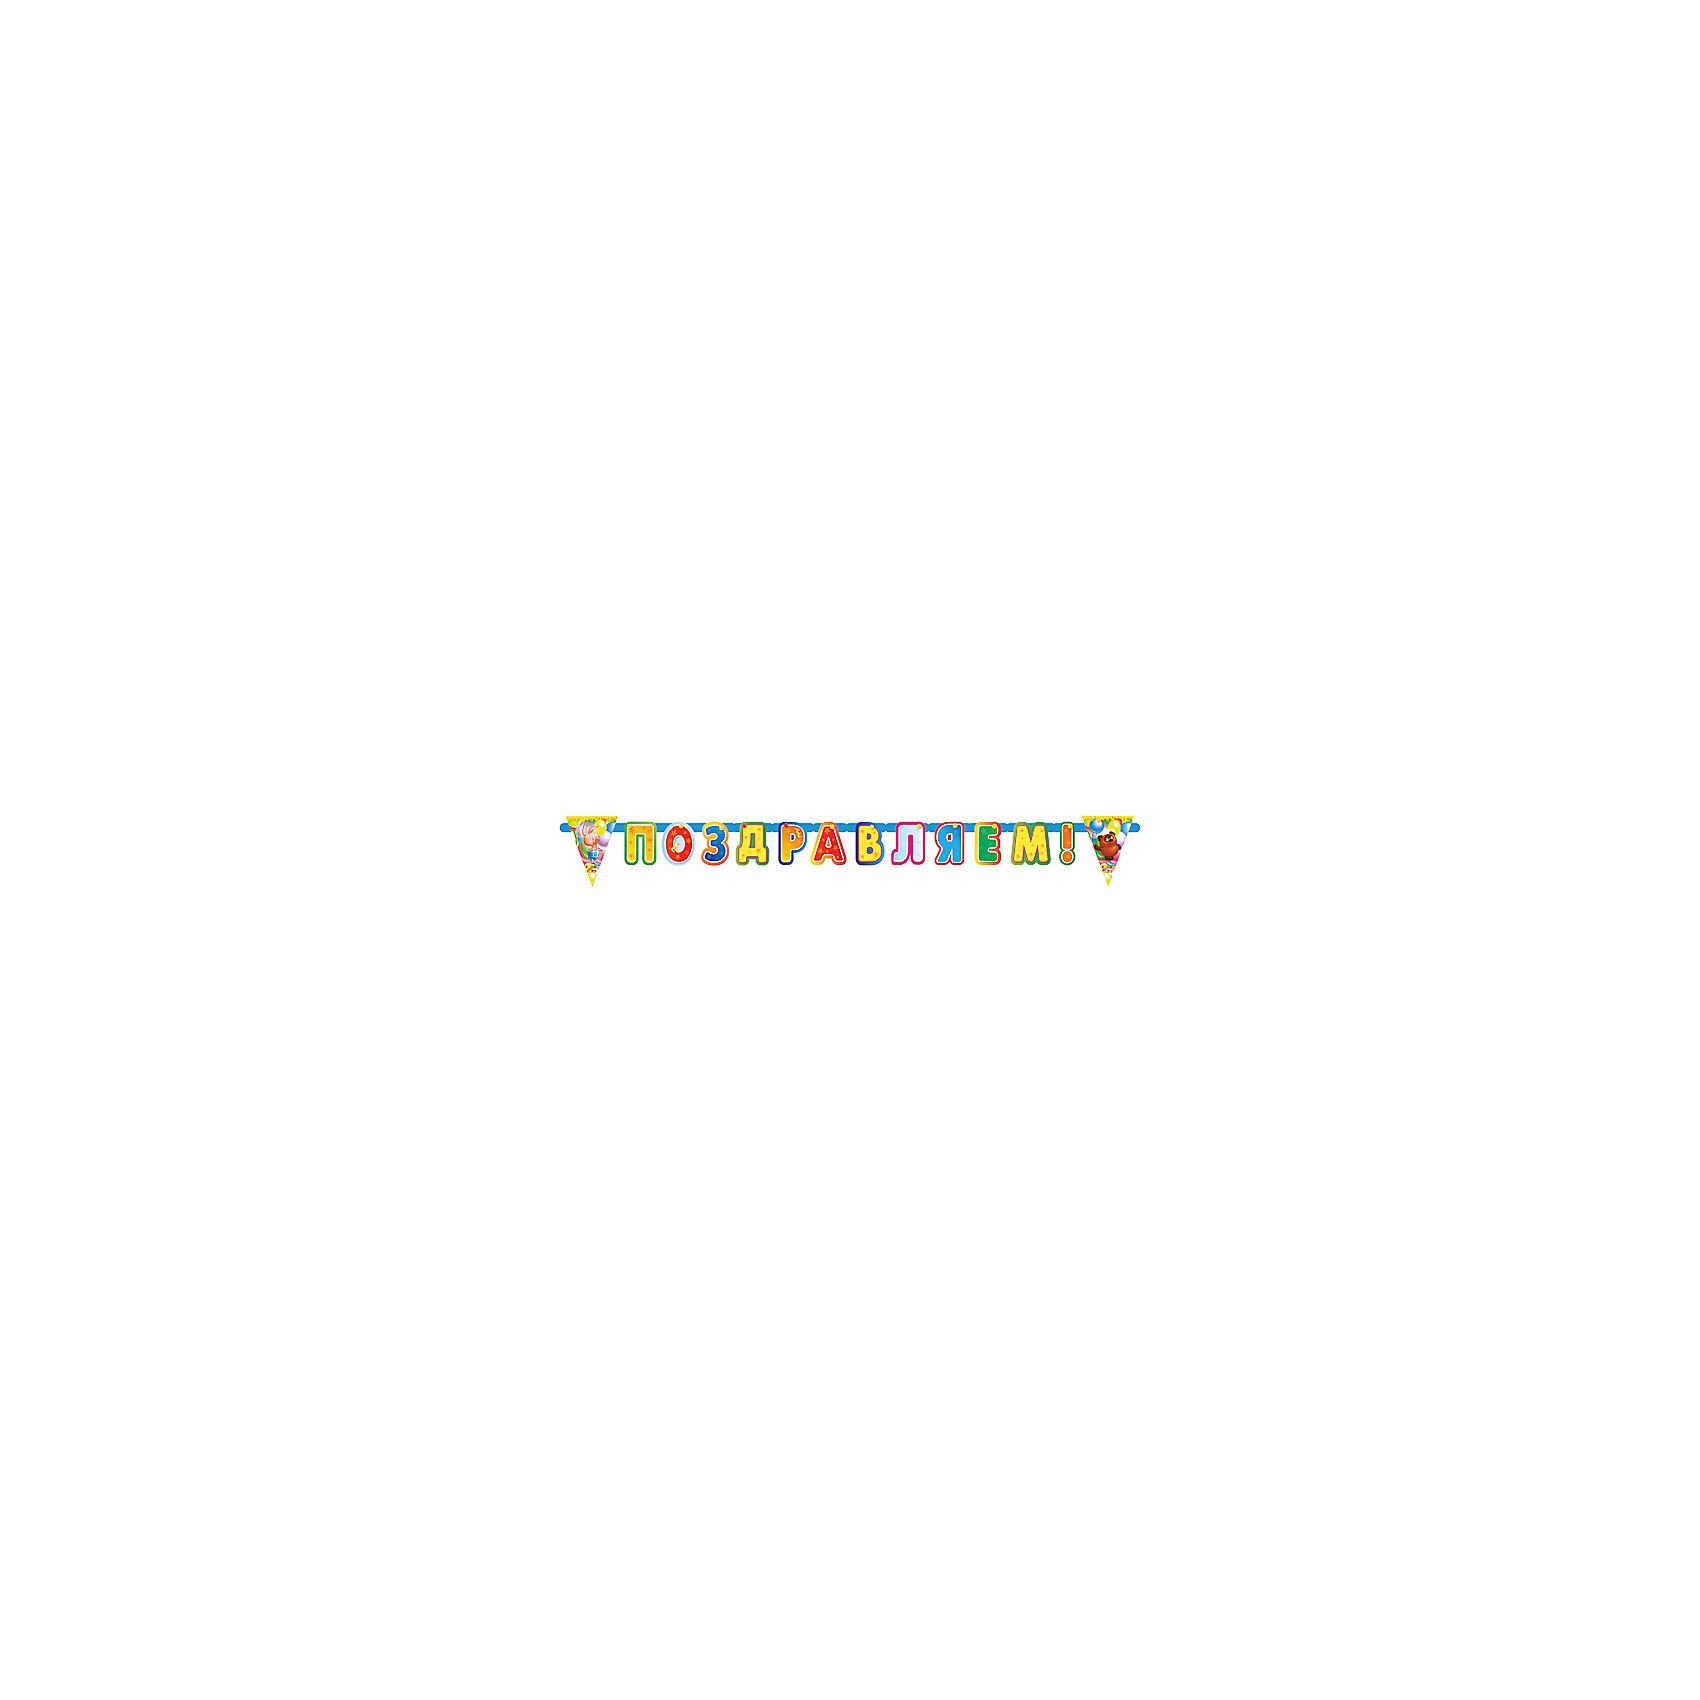 Гирлянда Винни-ПухDisney Винни Пух<br>Гирлянда Винни Пух создаст праздничное настроение на любом торжестве!<br><br>Дополнительная информация:<br><br>- Материал: плотная бумага.<br>- Размер гирлянды: 2 м.<br>- Размер упаковки: 28х21х0,5 см.<br>- Вес в упаковке: 70 г.<br><br>Купить гирлянду Винни-Пух можно в нашем магазине.<br><br>Ширина мм: 28<br>Глубина мм: 21<br>Высота мм: 0<br>Вес г: 70<br>Возраст от месяцев: 12<br>Возраст до месяцев: 2147483647<br>Пол: Унисекс<br>Возраст: Детский<br>SKU: 4797429